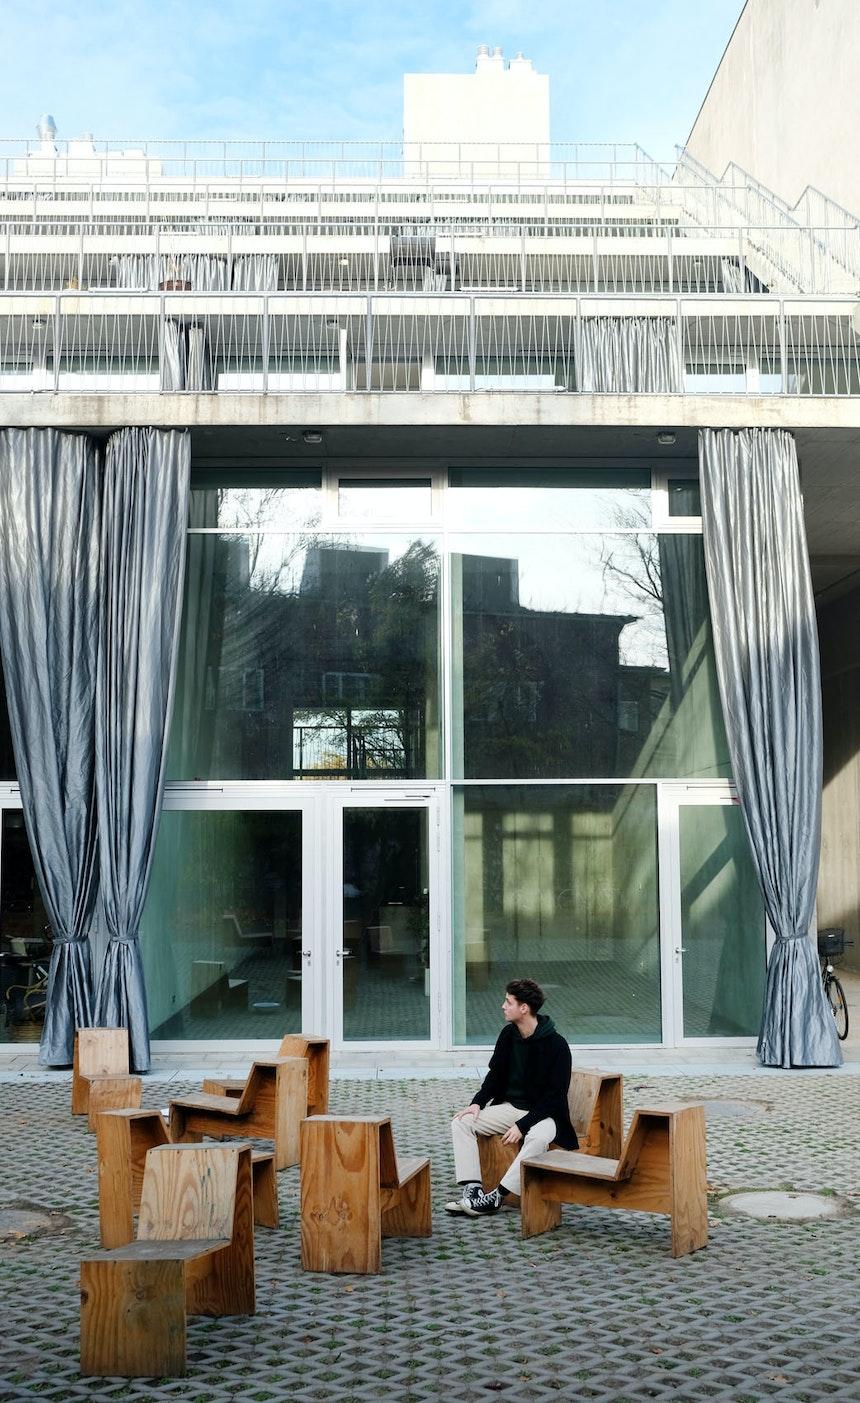 Vorhang auf für das neue Ausstellungs- und Atelierhaus – Die je 6 Meter tiefen Terrassenflächen entsprechen der versiegelten Fläche, auf der das Haus steht